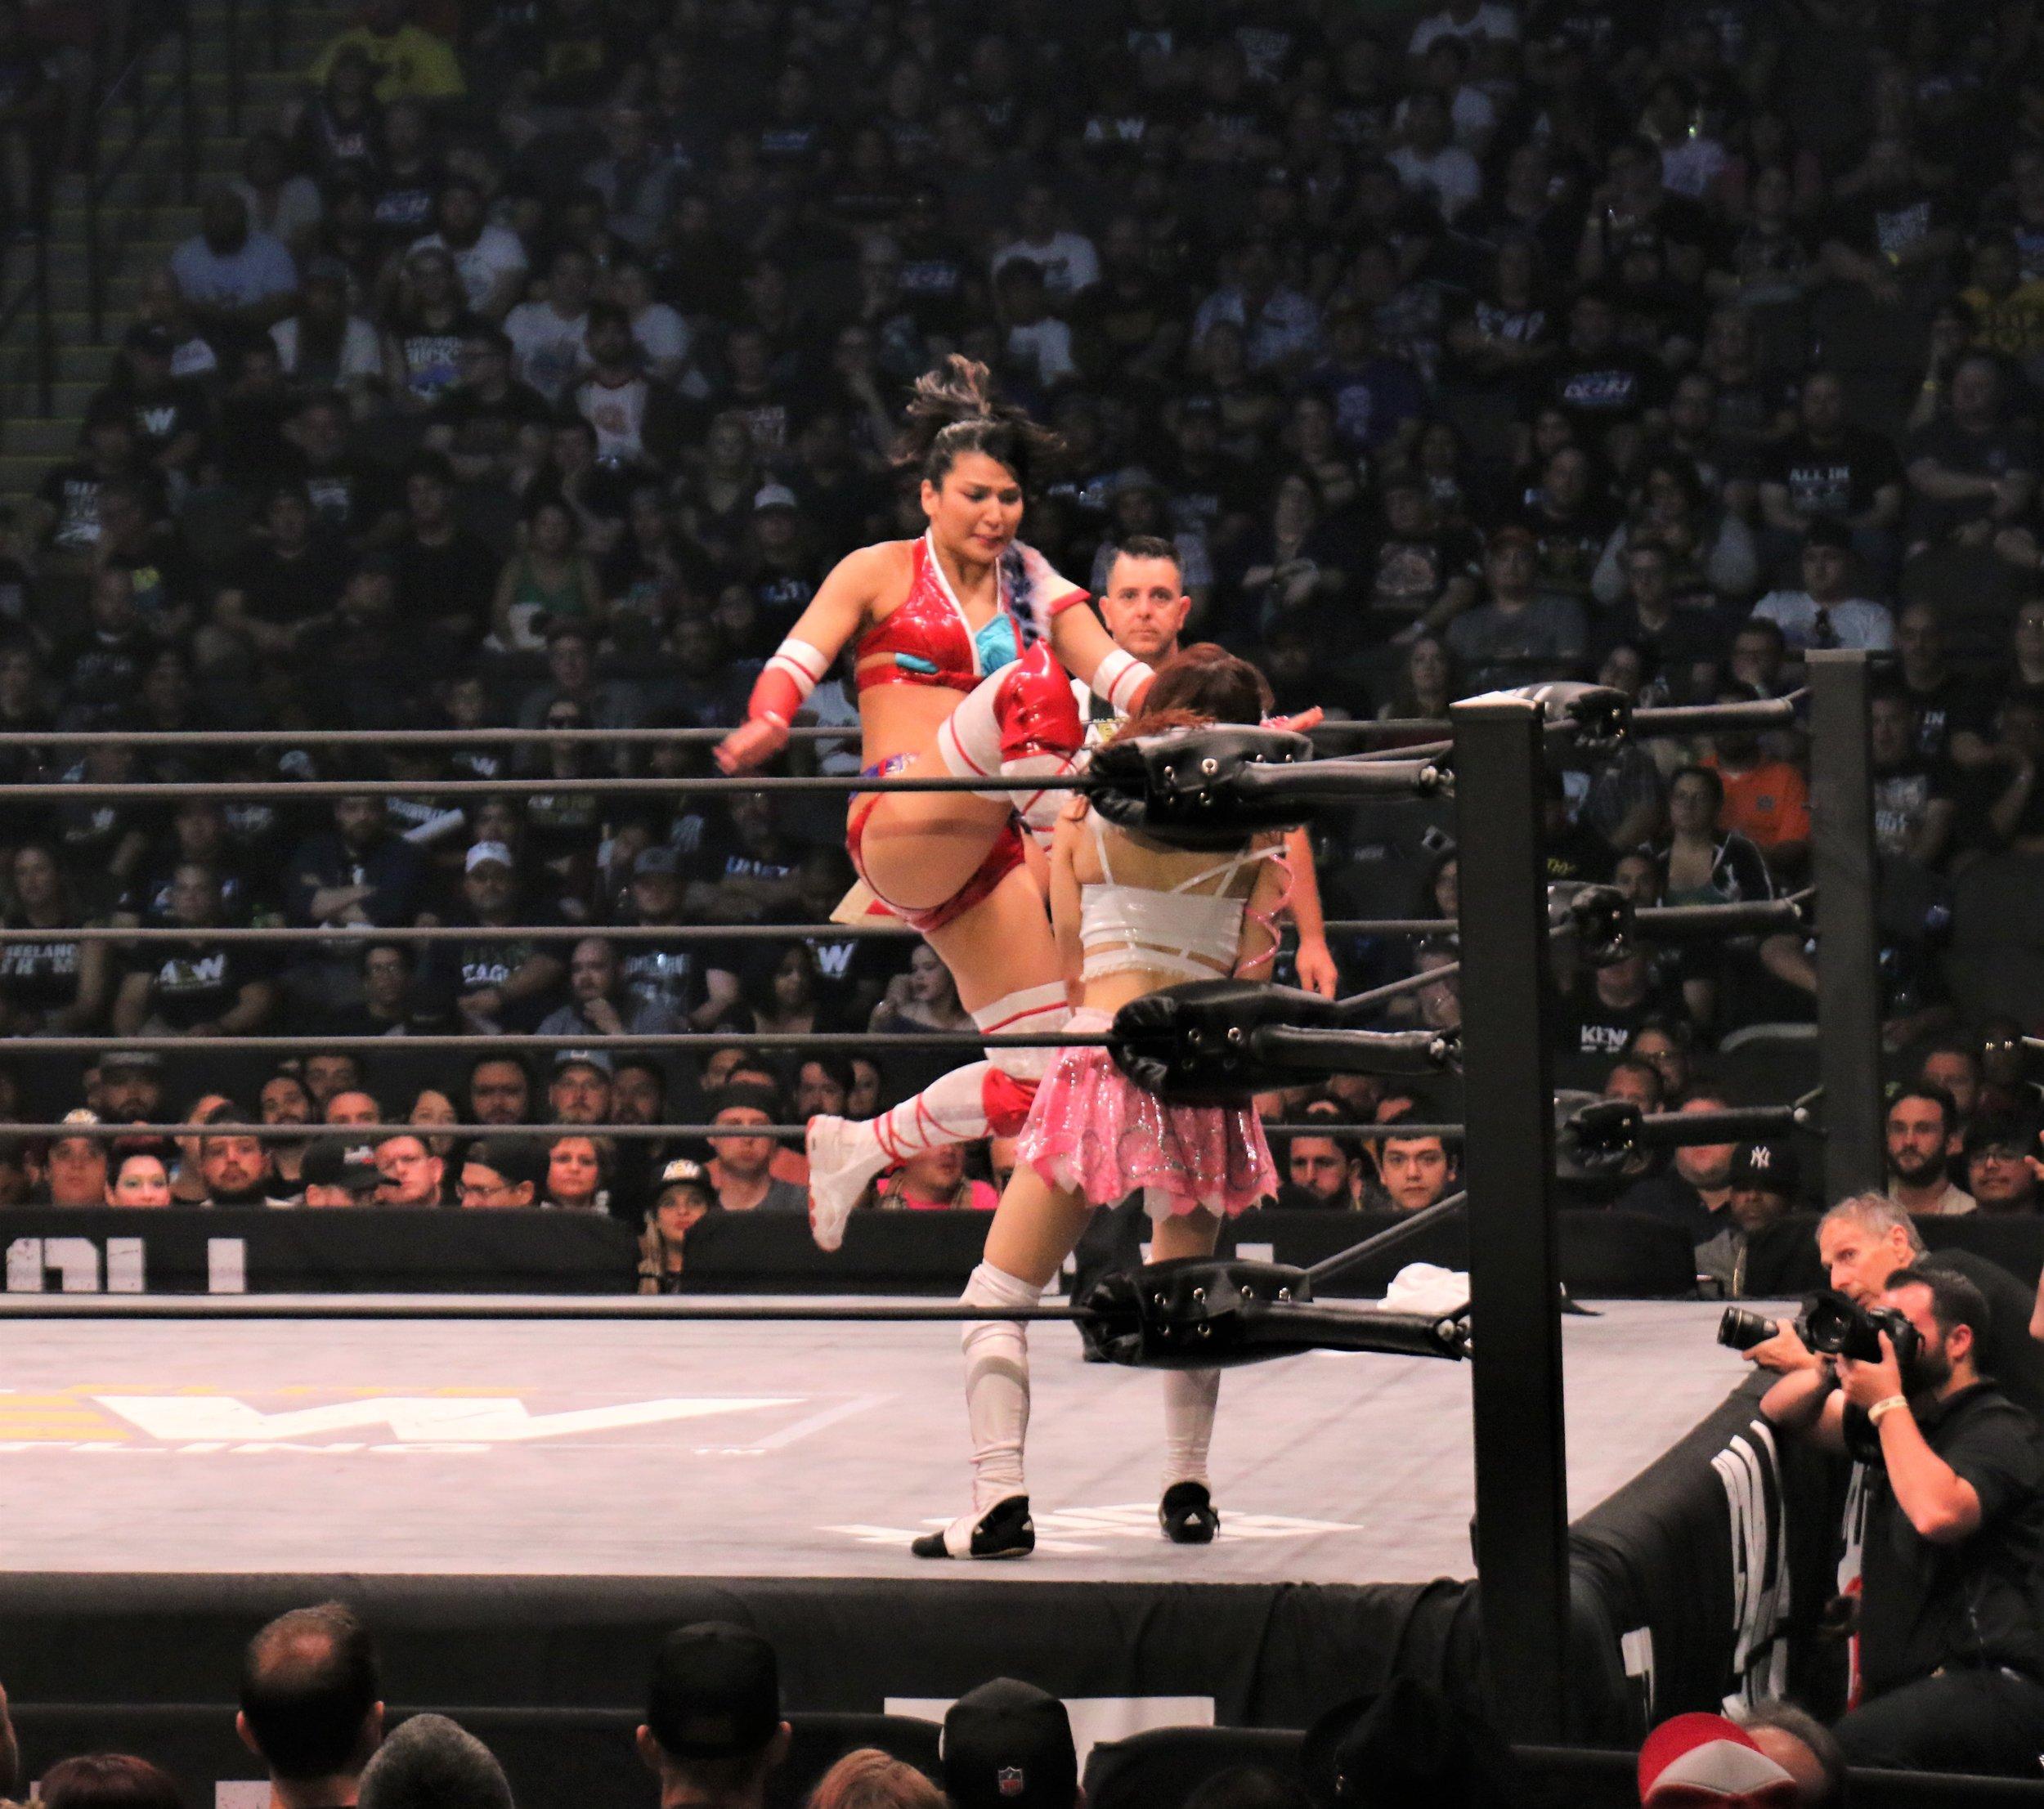 Hikaru Shida hits a knee strike on Riho.